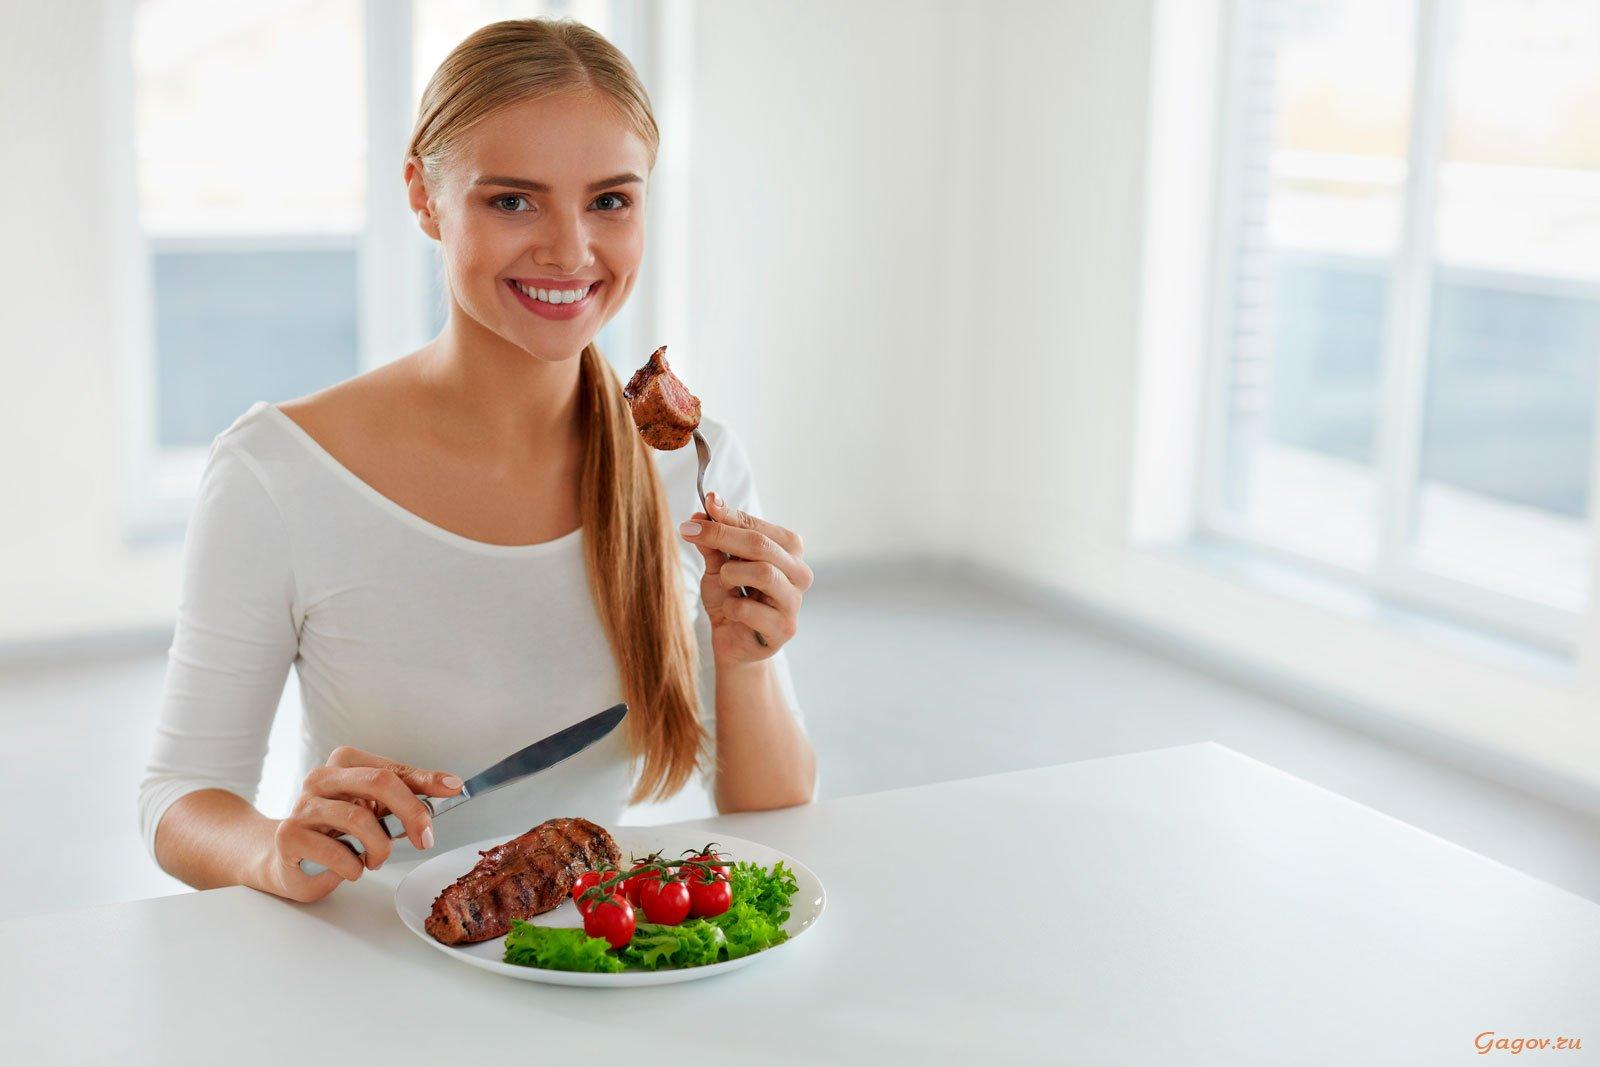 Белковая Диета Чувство Голода. Меню для быстрого похудения на белковой диете, польза и противопоказания